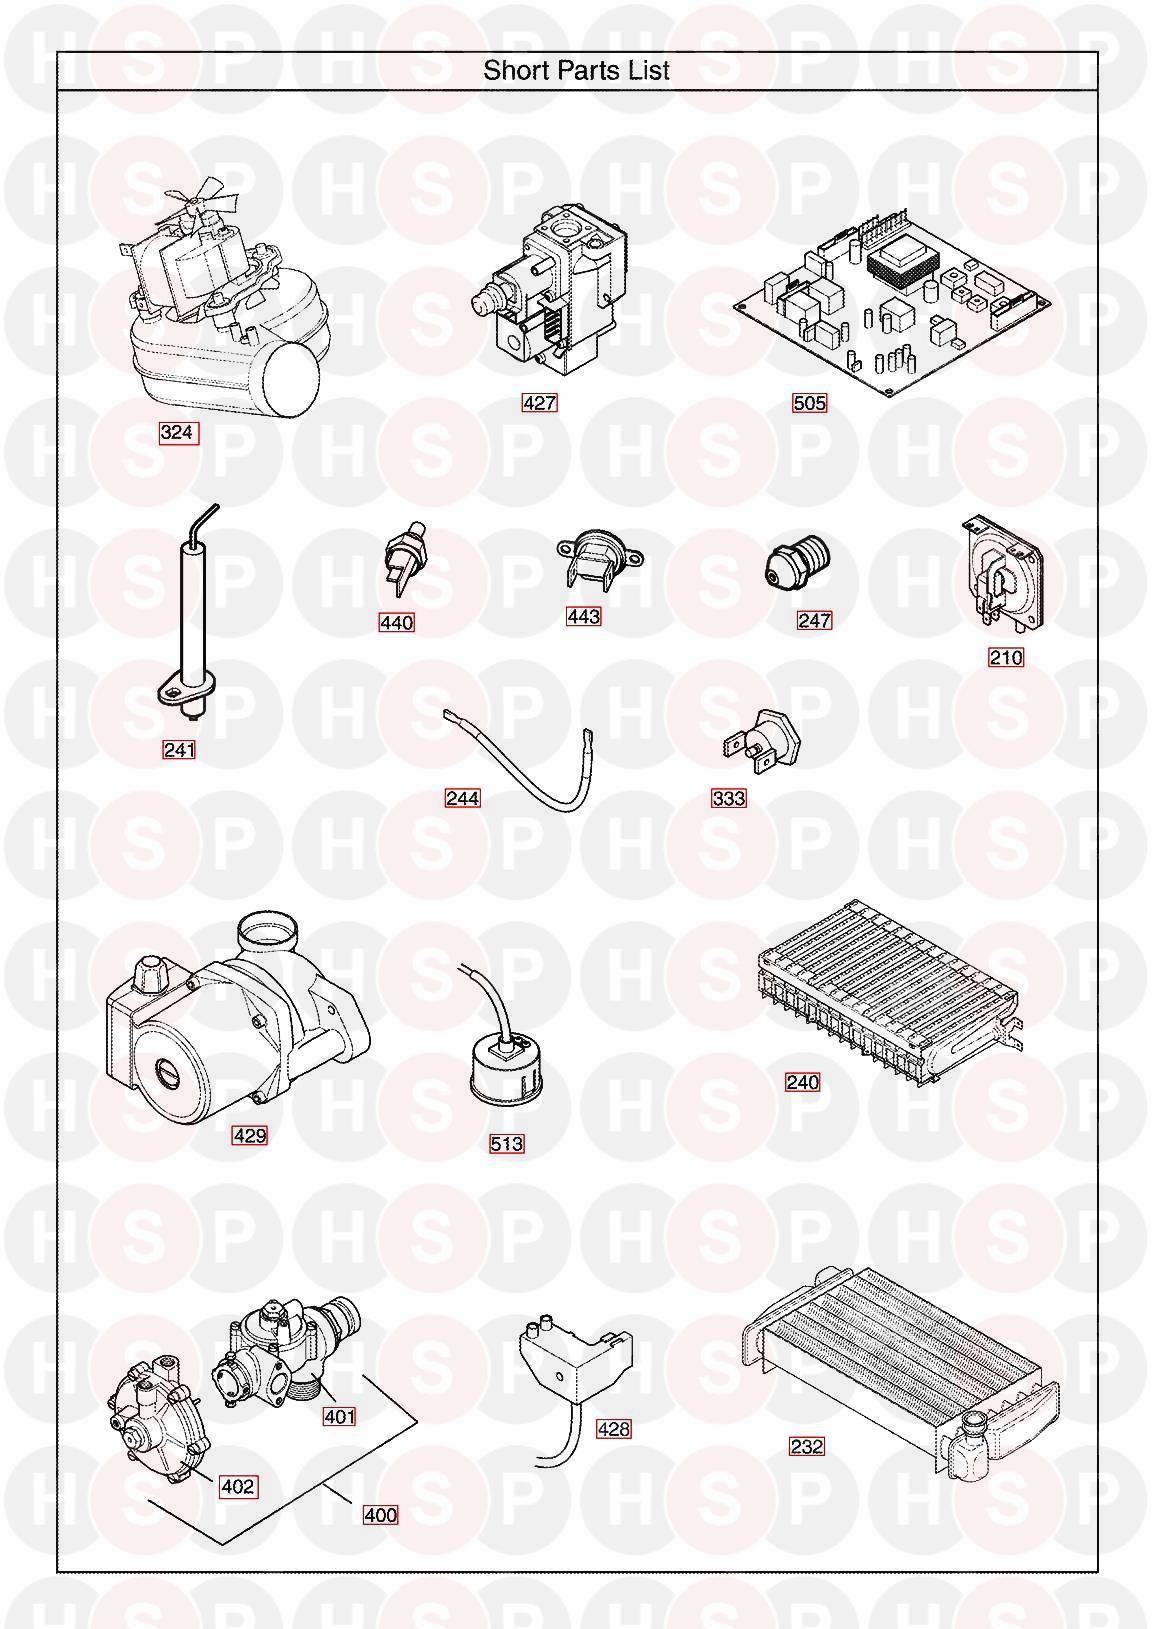 baxi combi 105he  short parts list  diagram